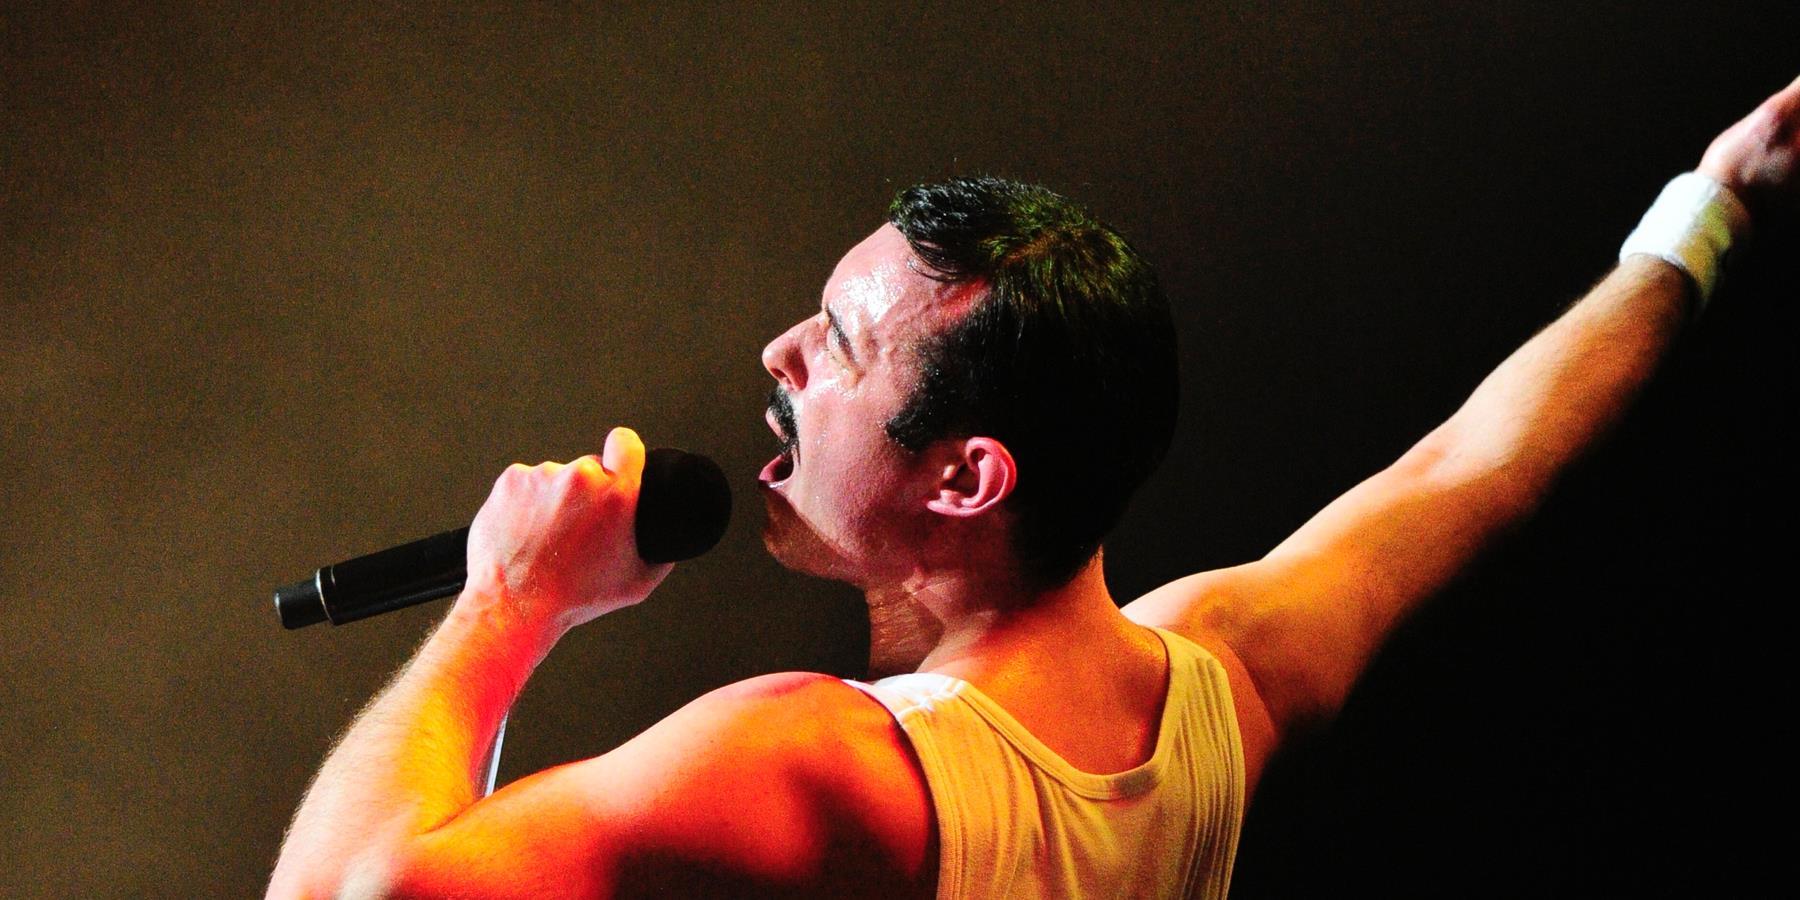 A man dressed as Freddie Mercury